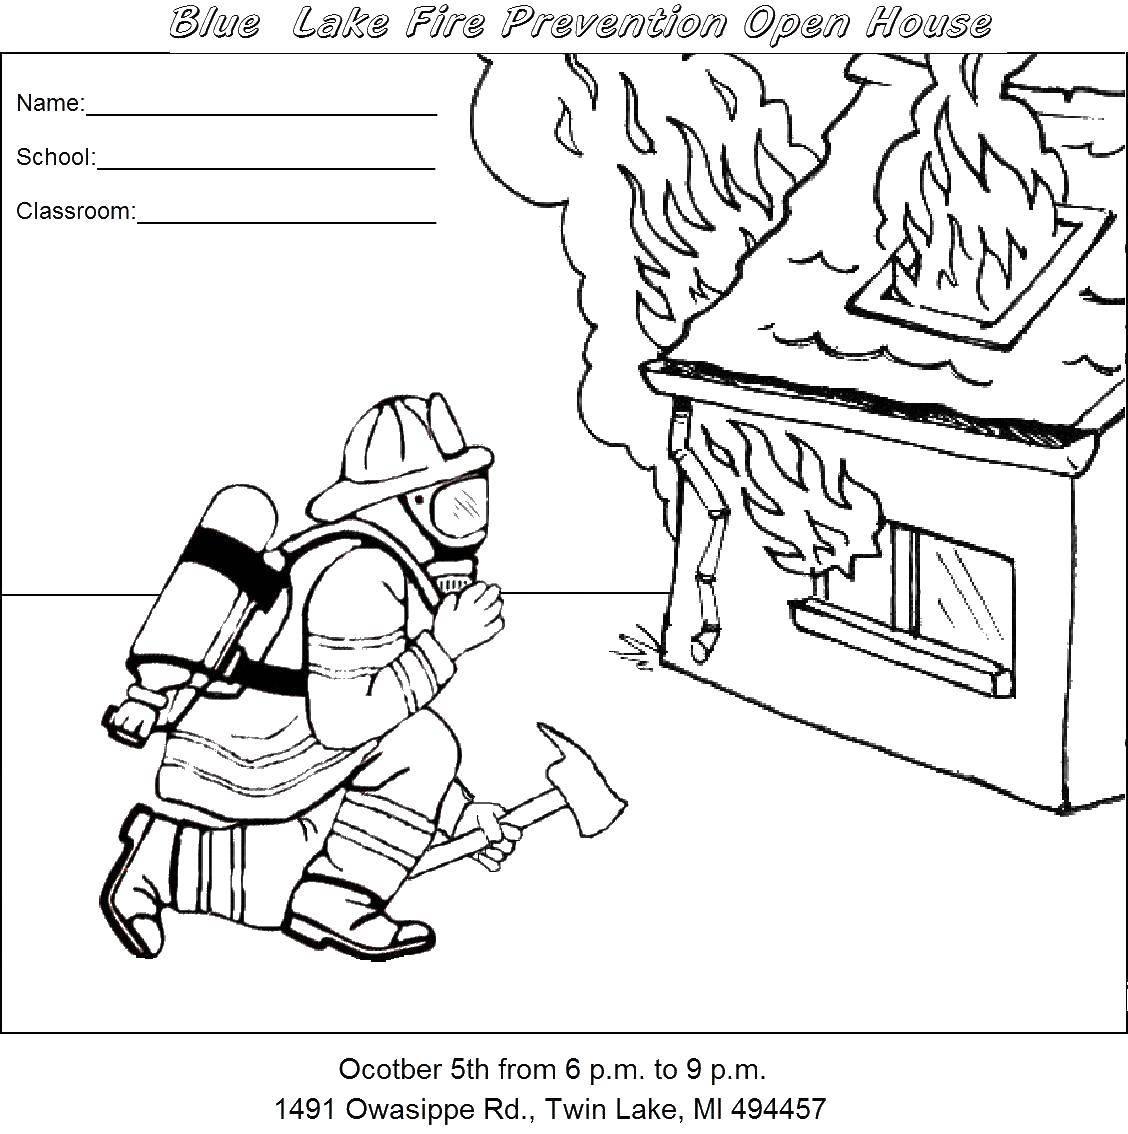 имя девушки распечатать картинки про пожар рисует, основном